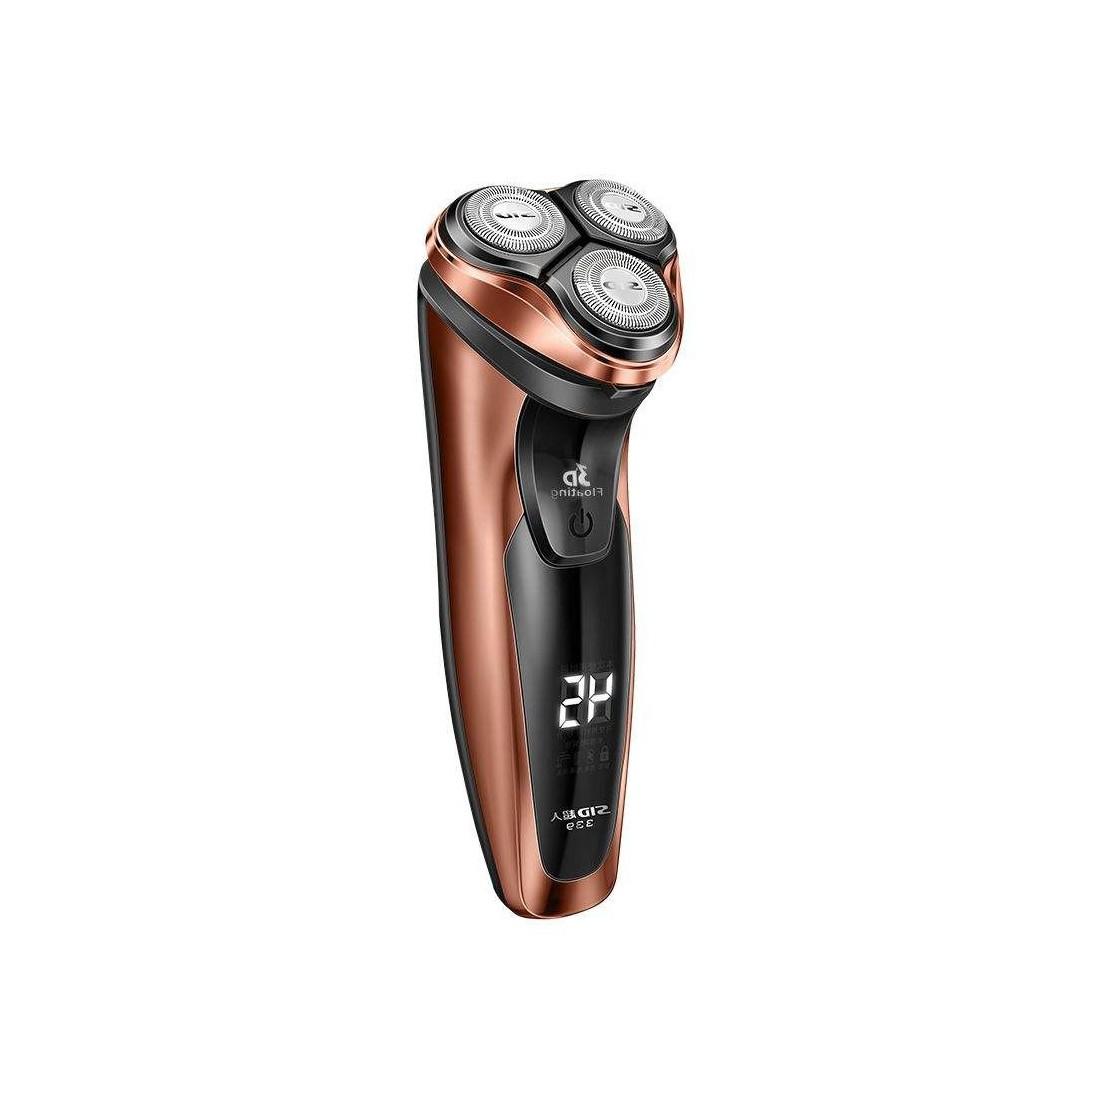 ماشین اصلاح موی صورت اس ای دی SID مدل RS 339 - SID RS 339 Facial Hair Straightener